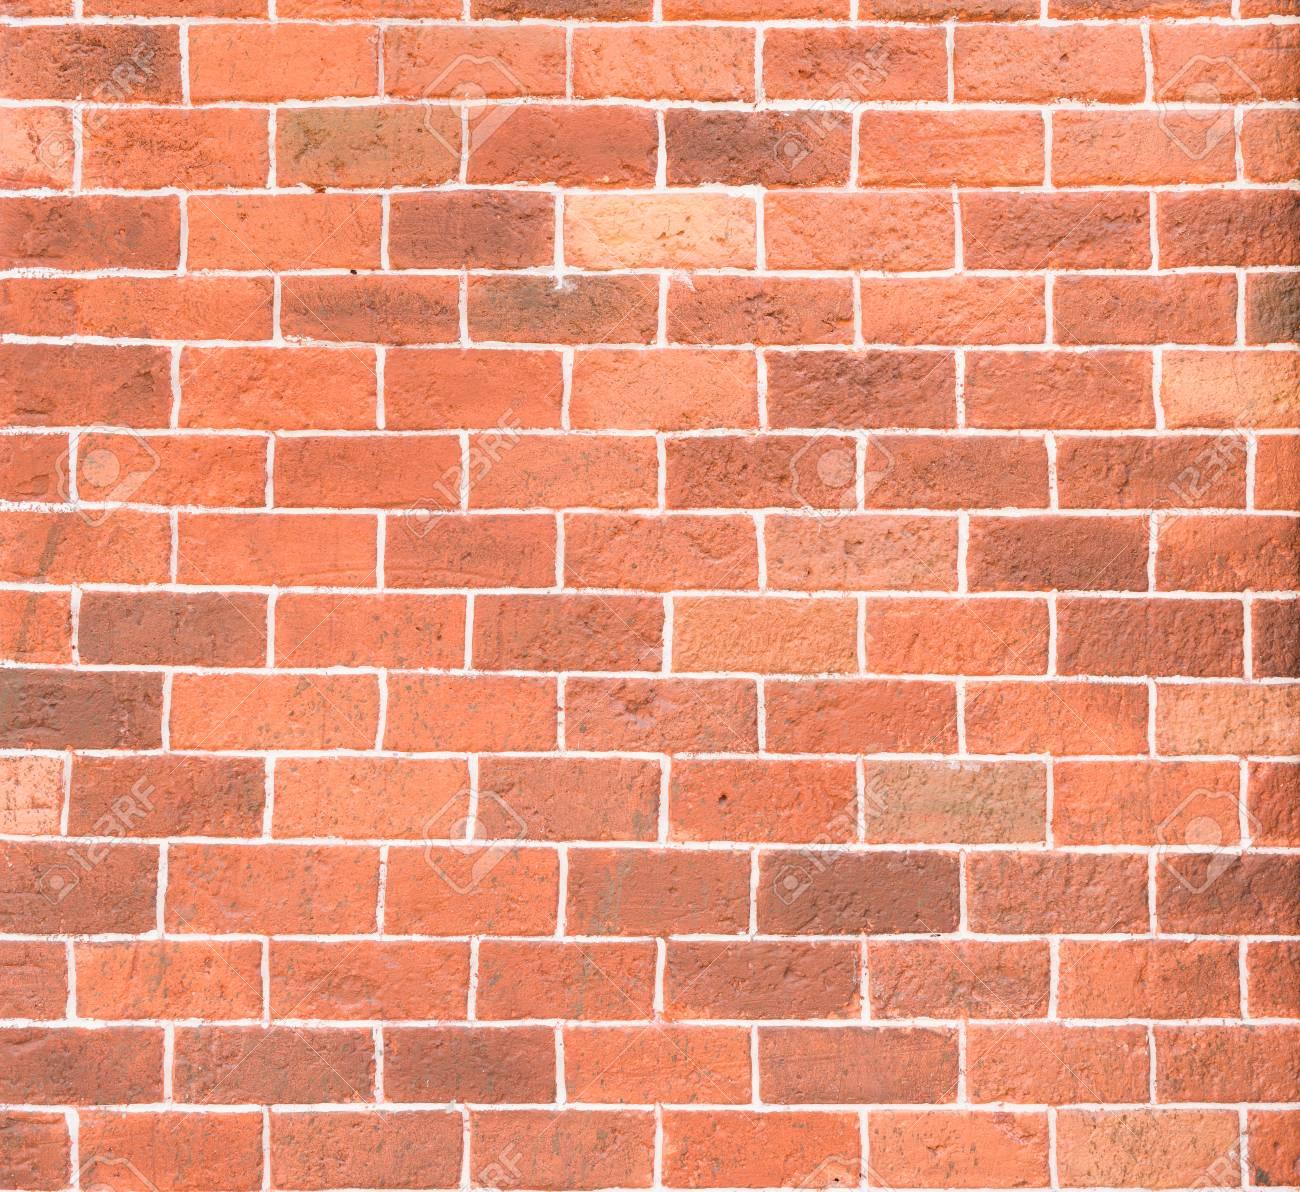 Mur En Brique Rouge fond de texture de mur de brique rouge décorative avec du ciment